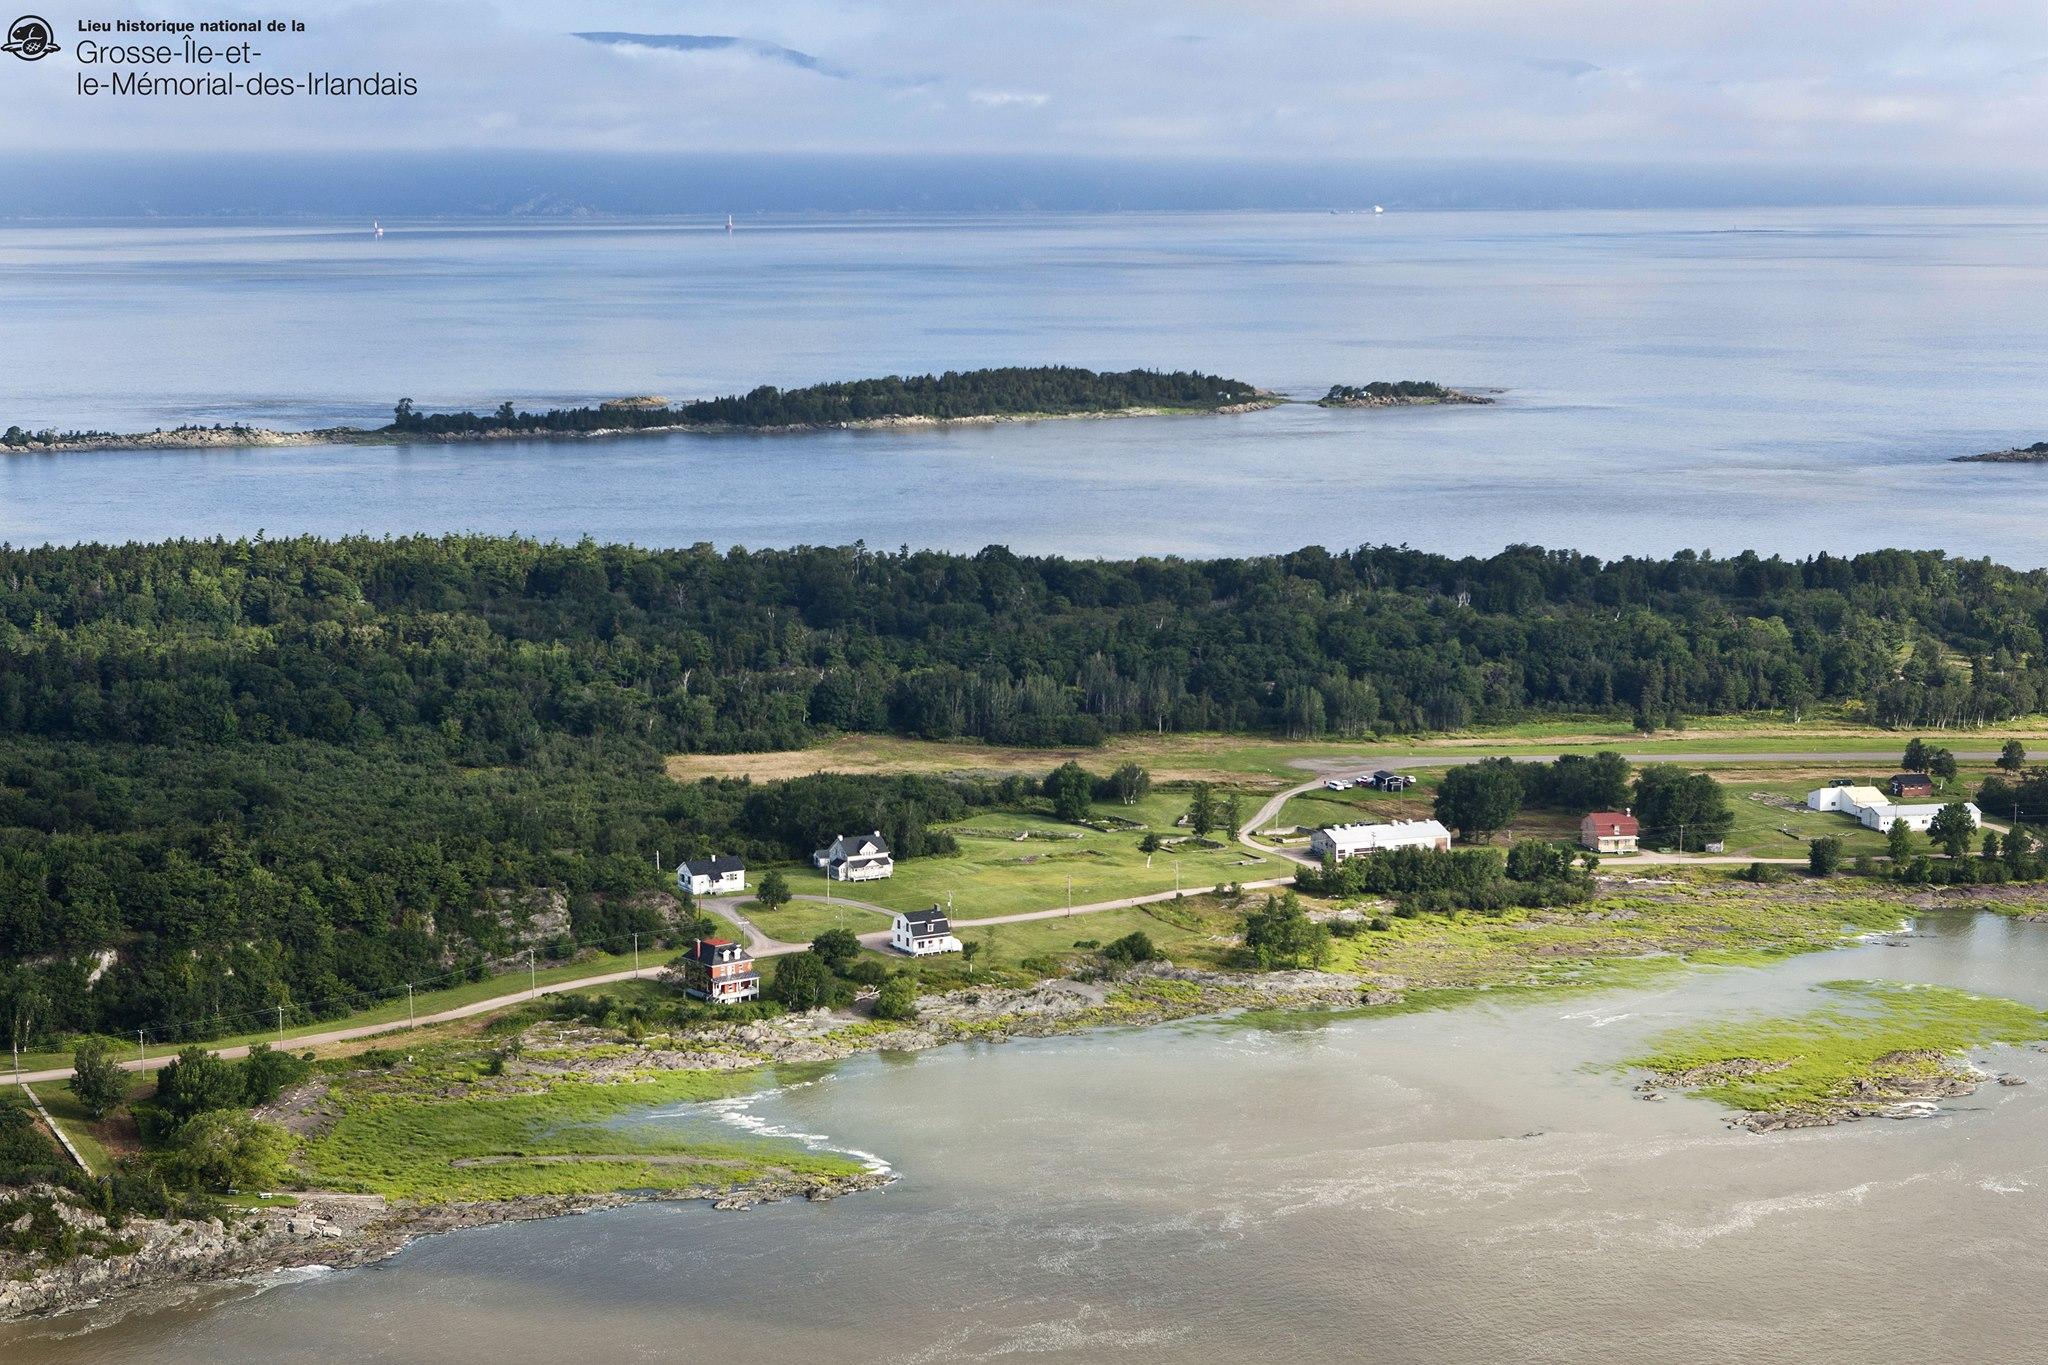 Photo: Facebook Lieu historique national de la Grosse-Île et le Mémorial des Irlandais